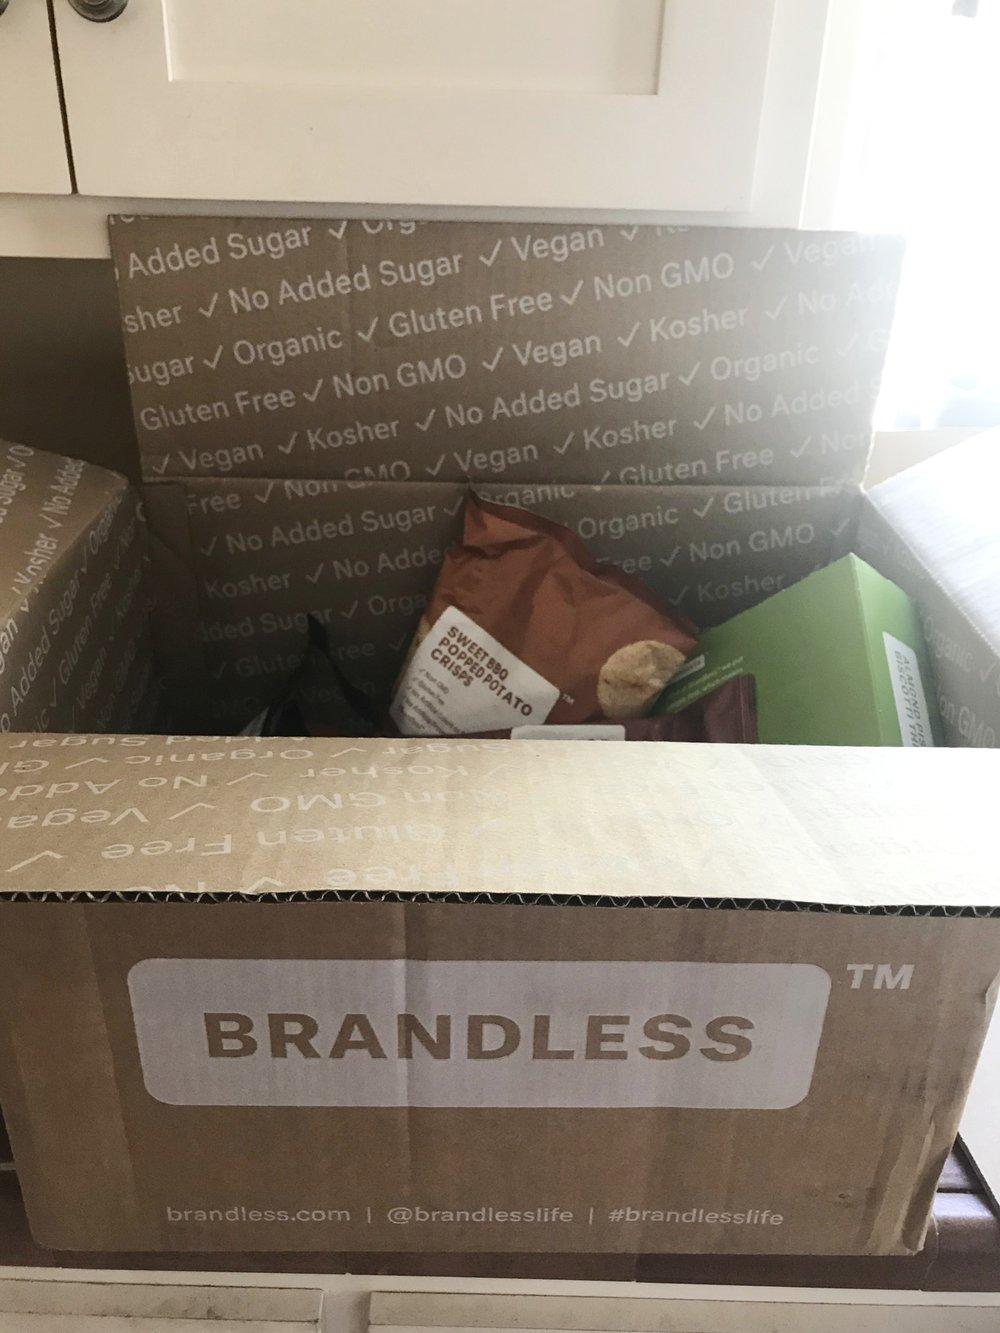 brandless package